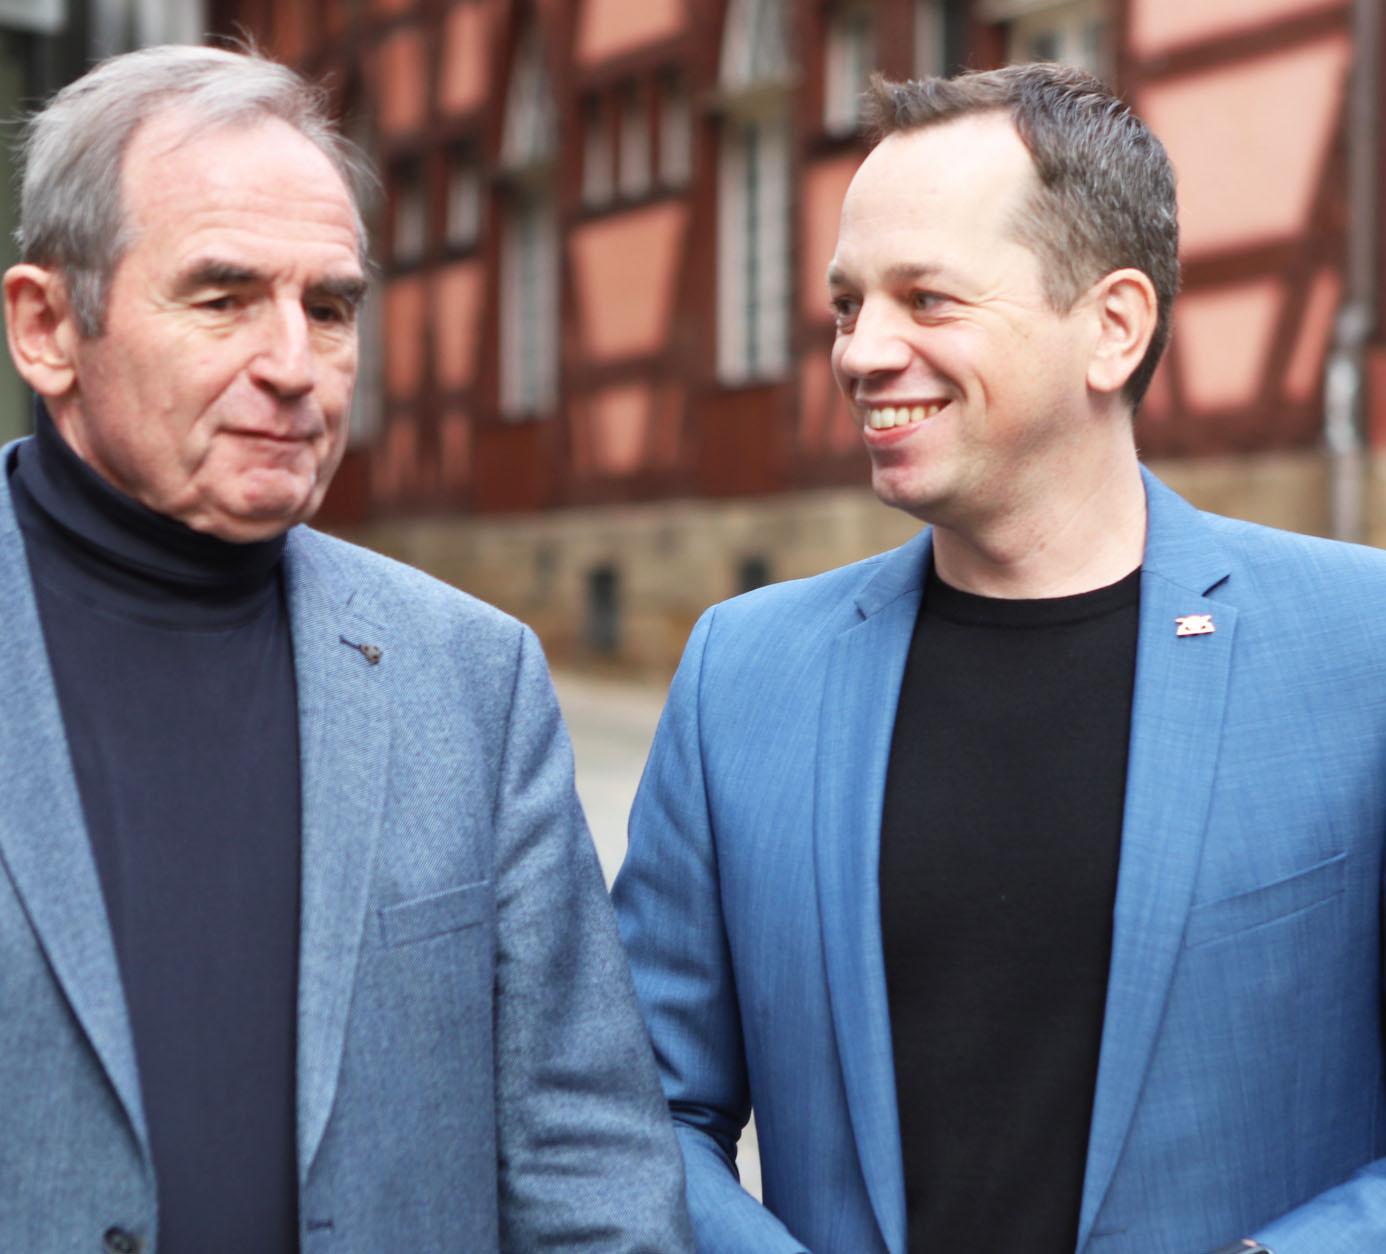 Nicolas Fink Vorsitzender Gemeinderatsfraktion SPD